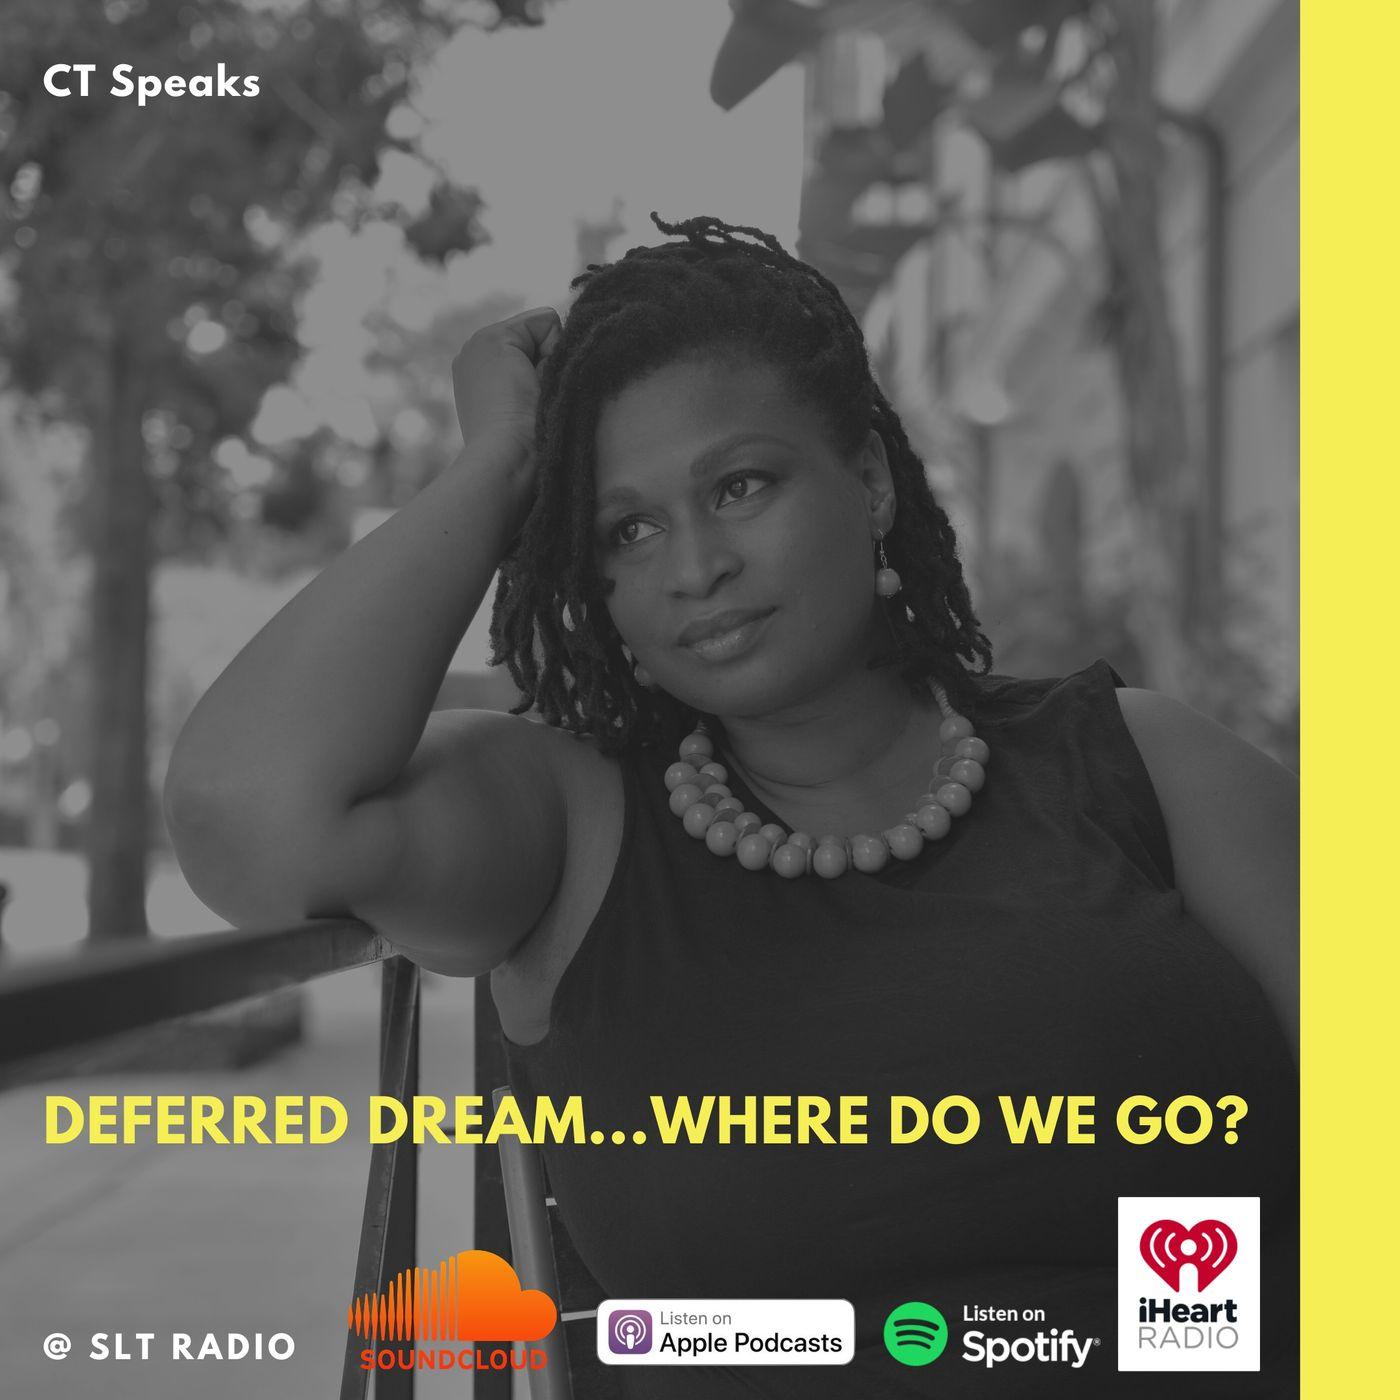 3.16 - GM2Leader - Deferred Dream - Where do we go from here? - CT Speaks (Host)